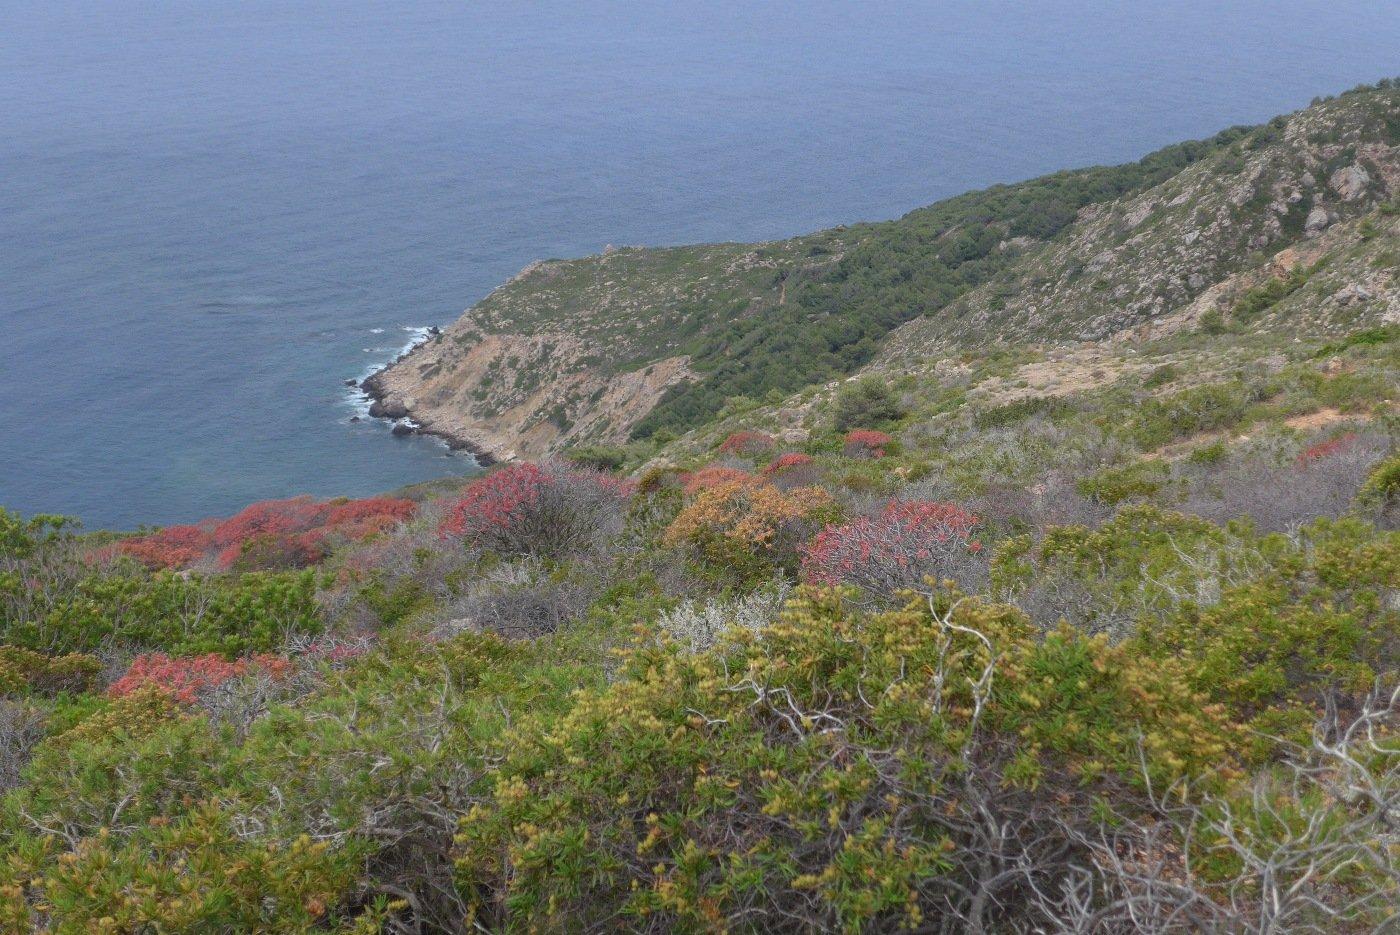 La costa verso Capo Libeccio